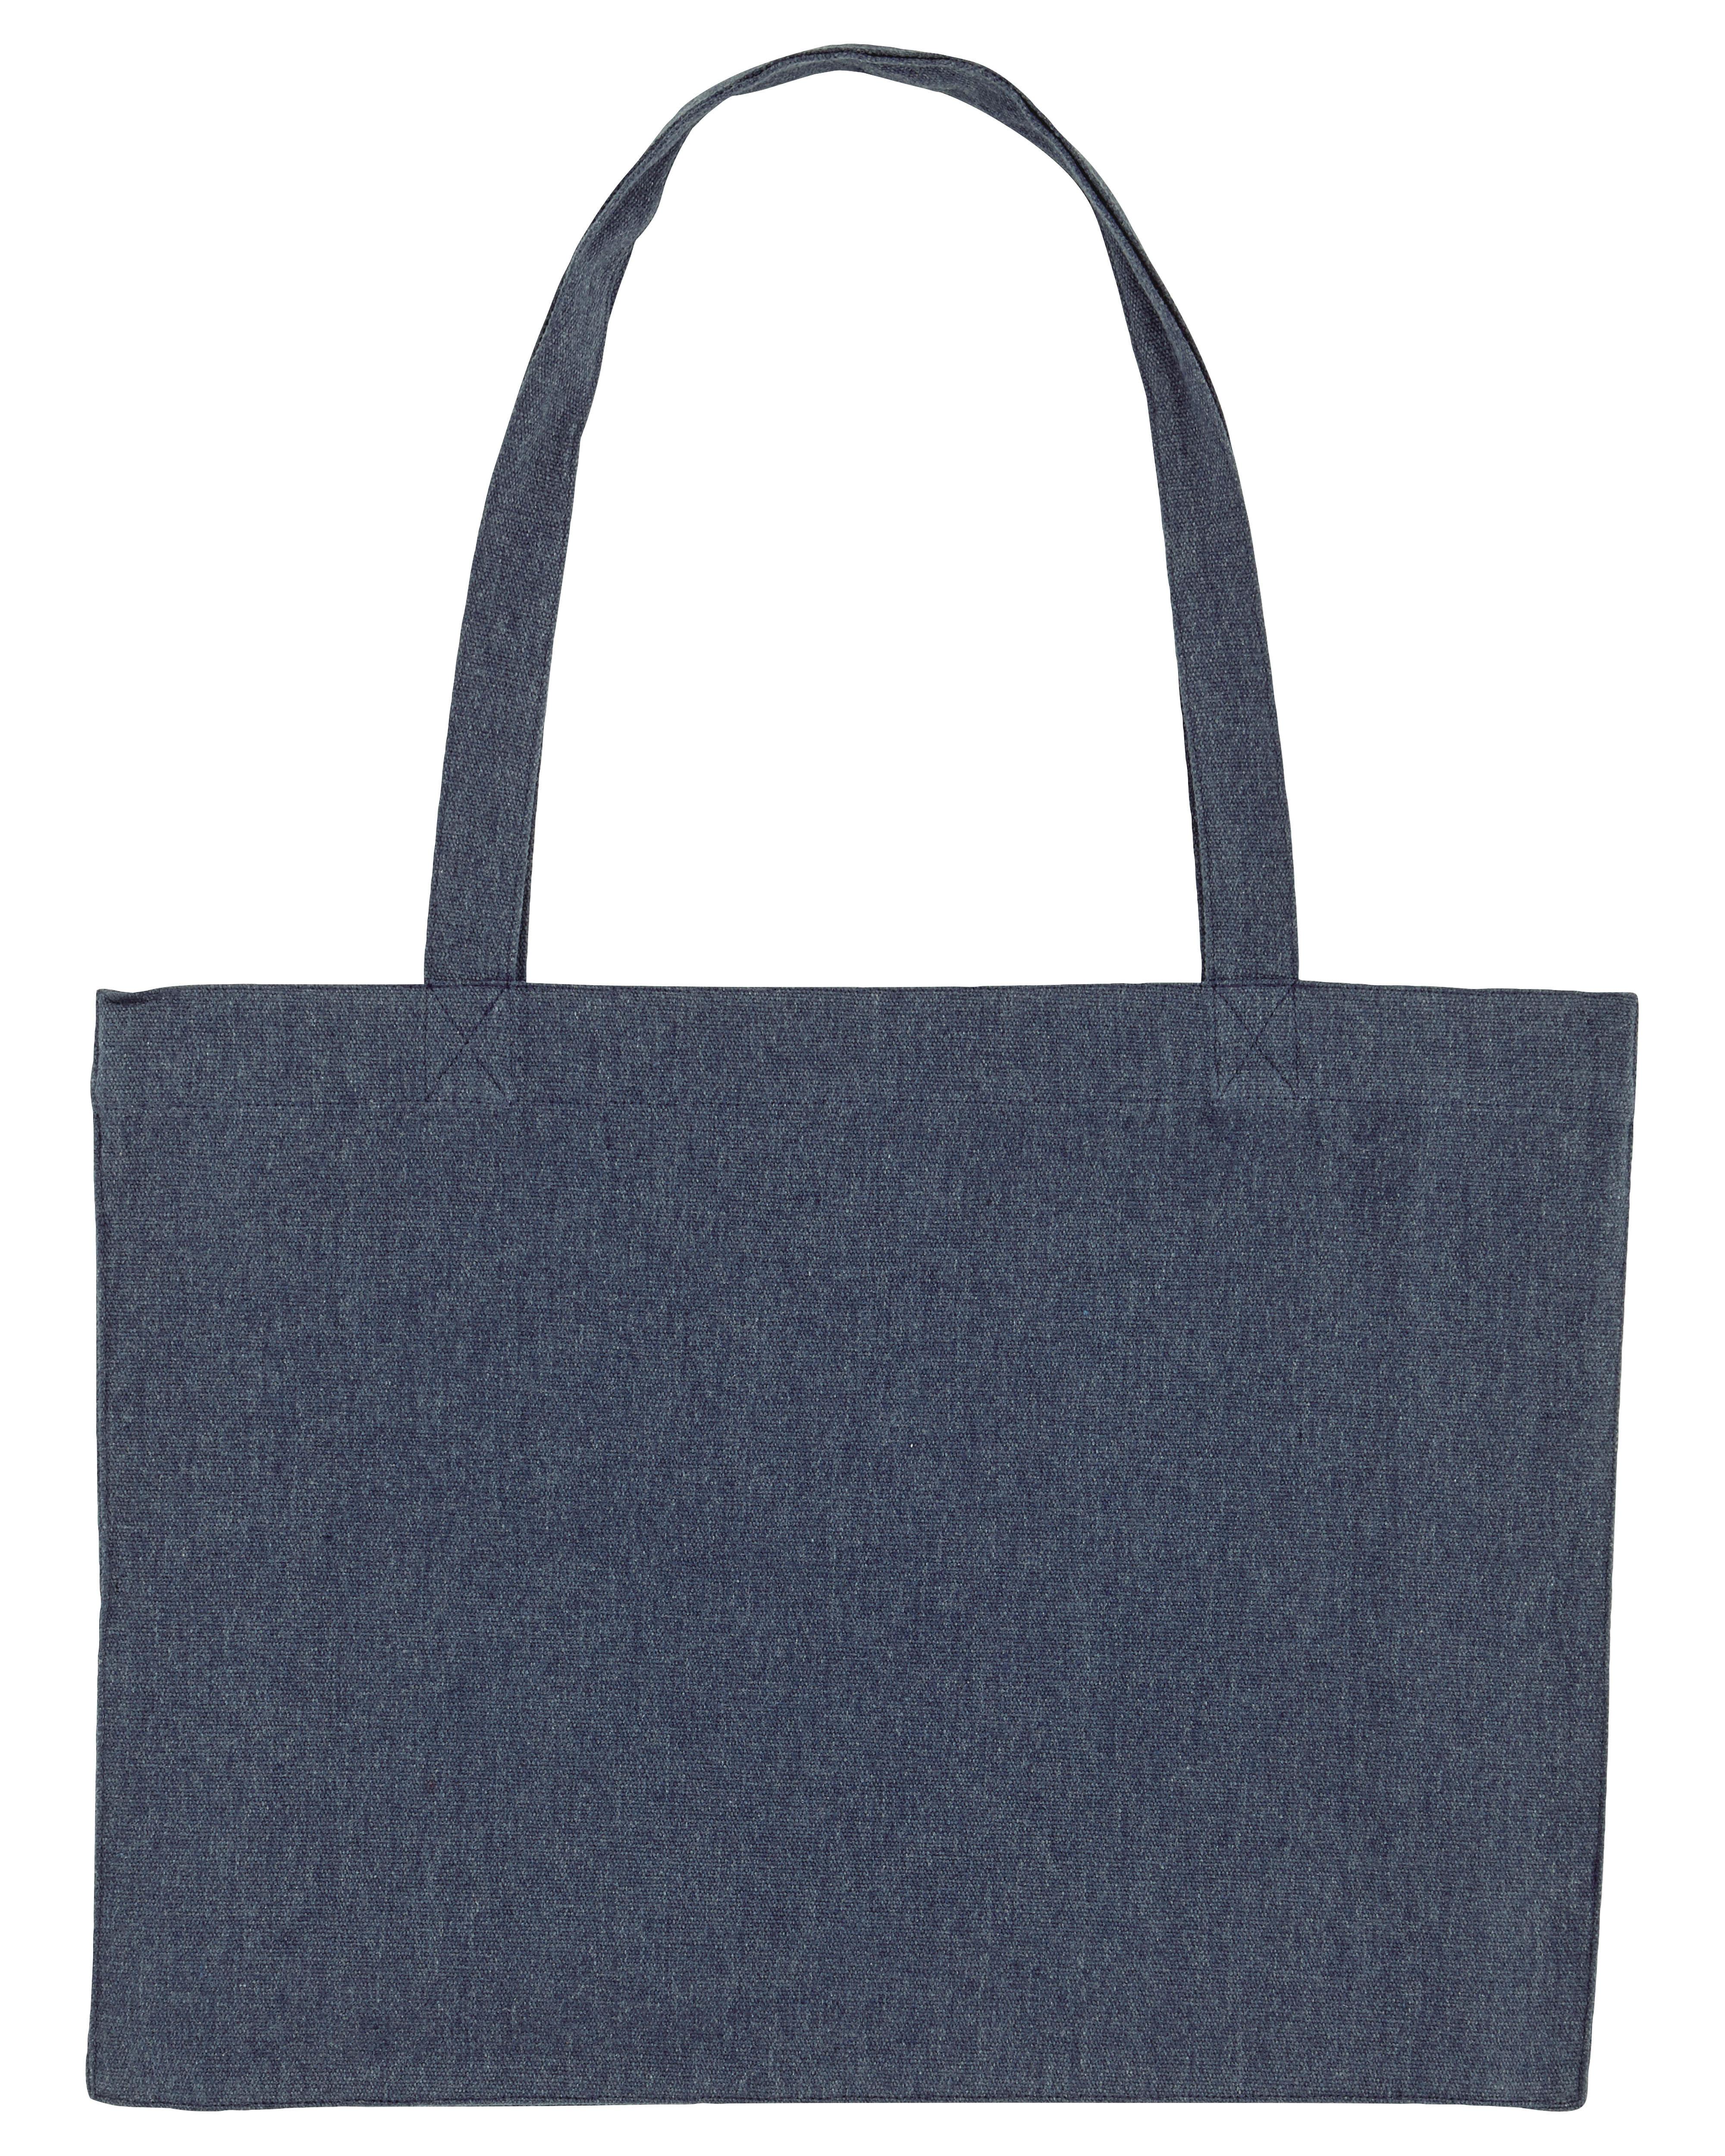 Shopping bag - 81-1048-3